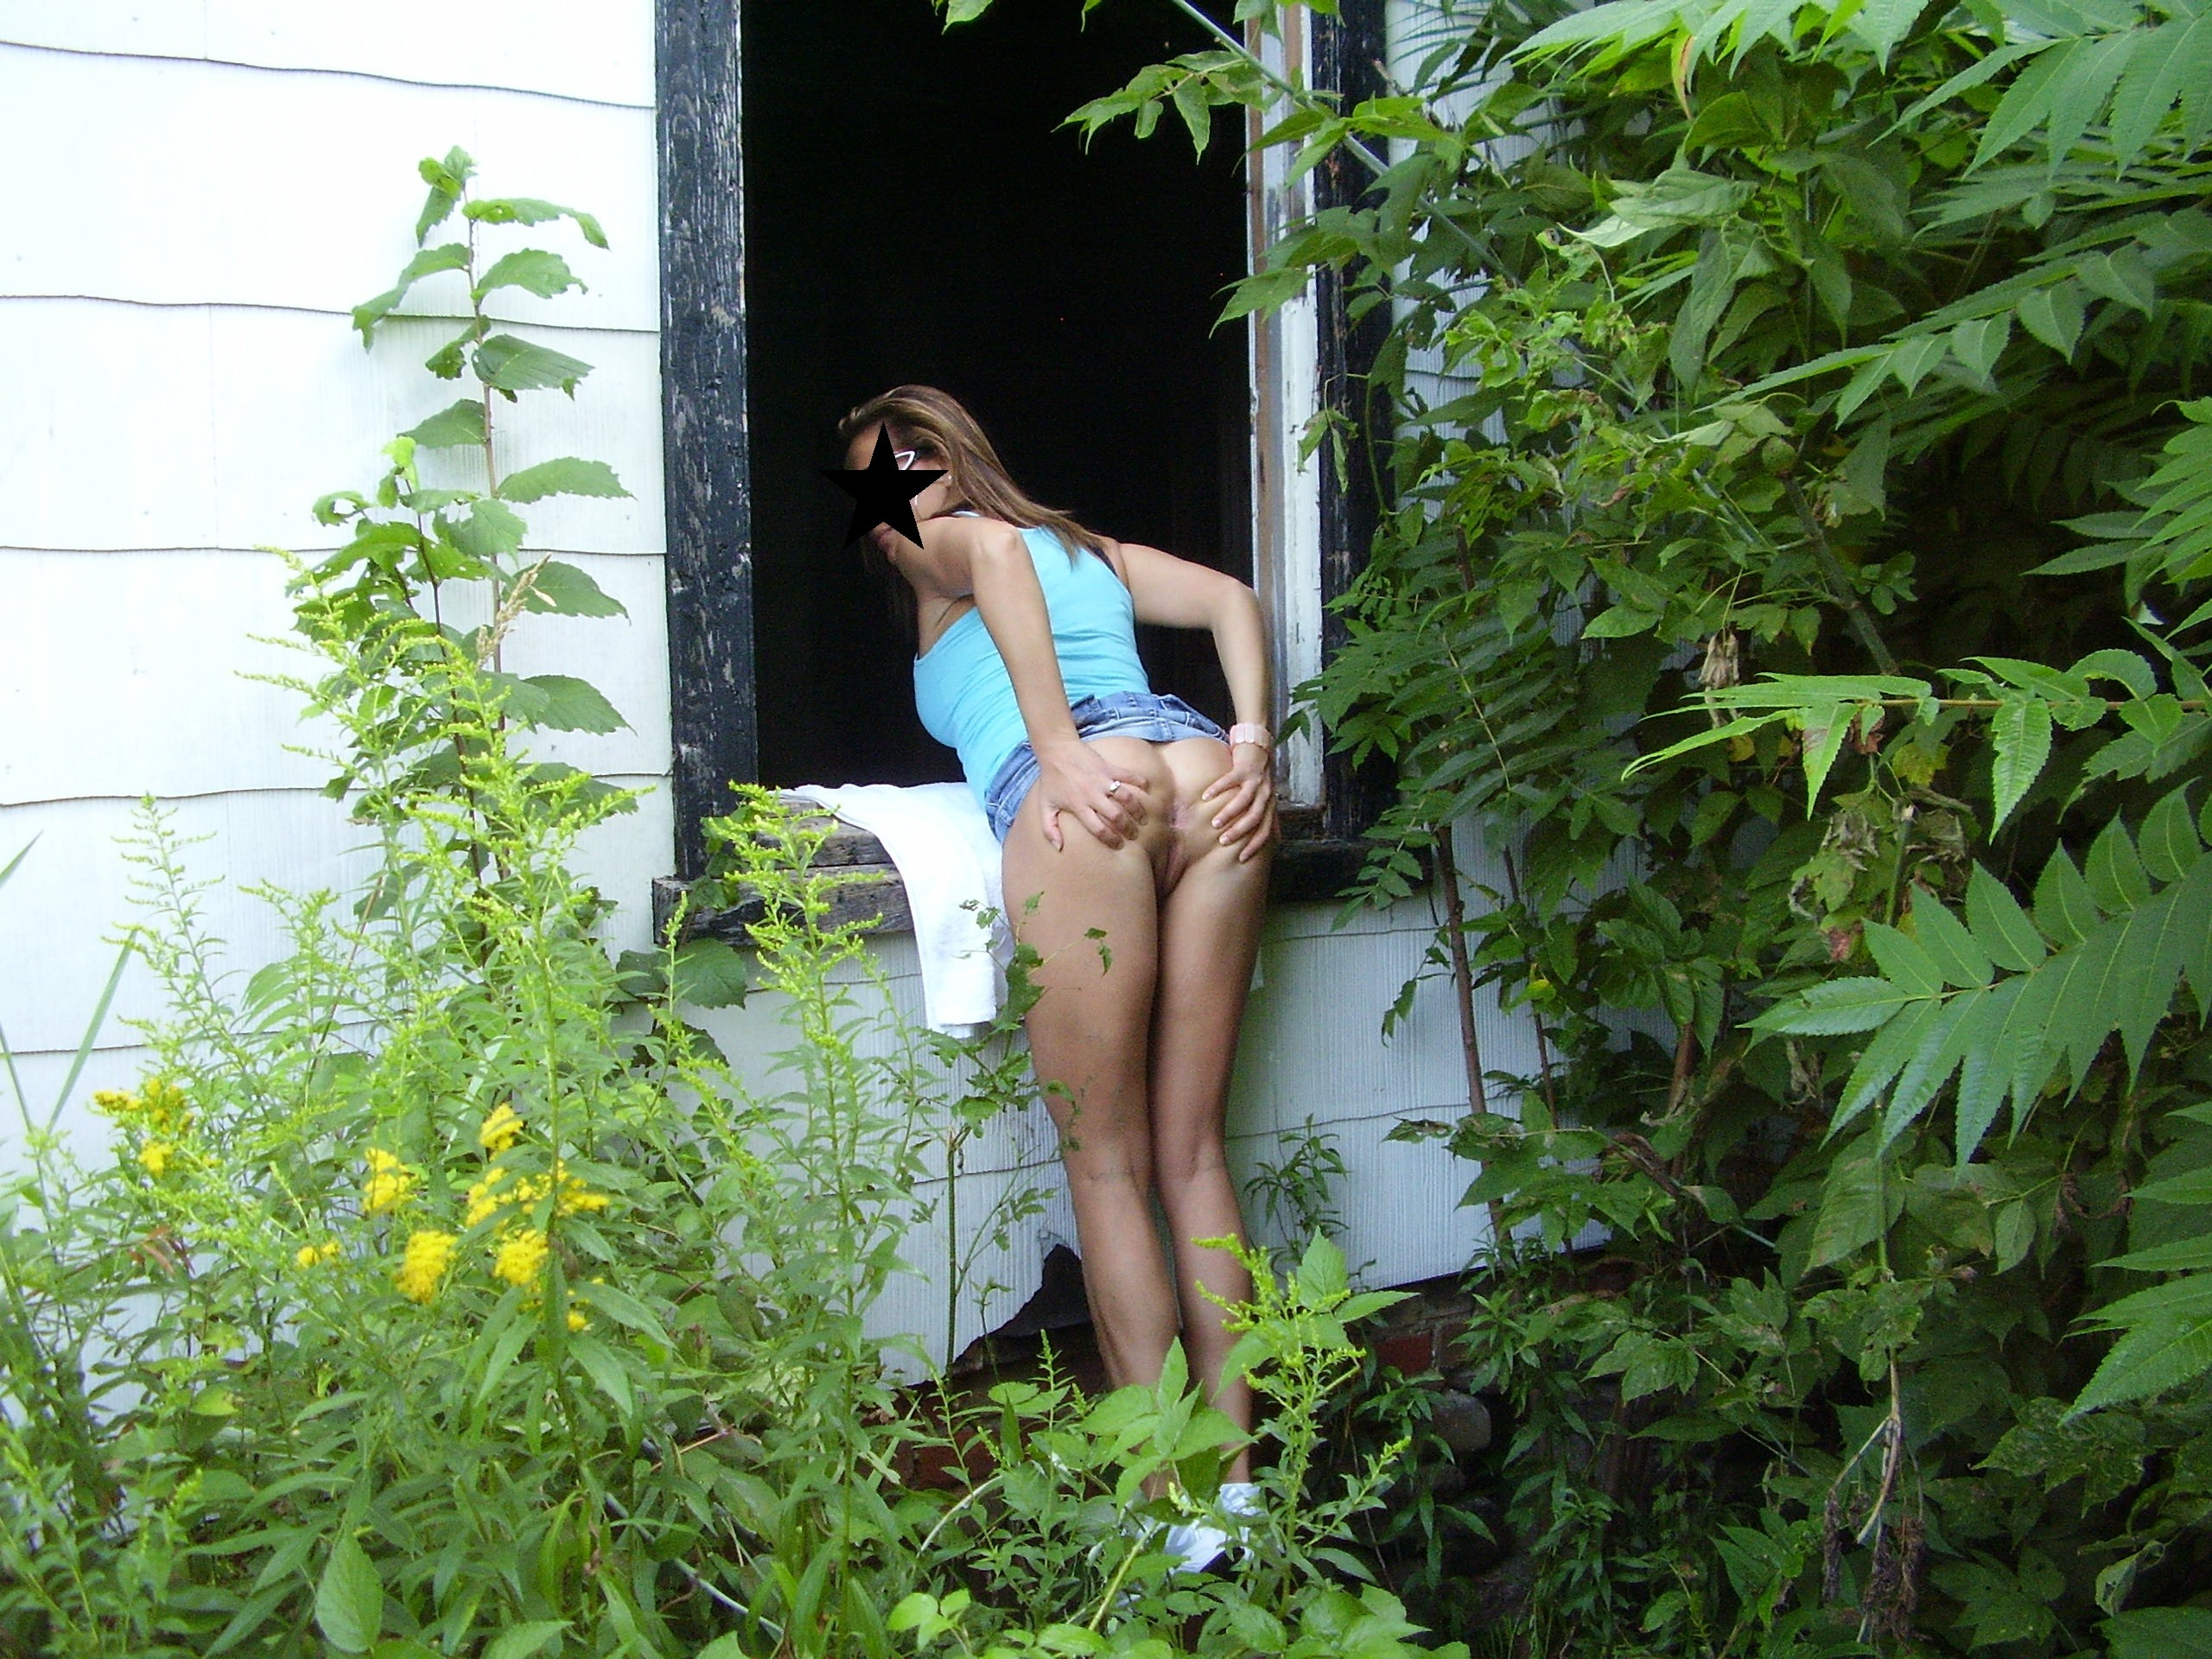 Рассказы о сексе в заброшенных домах, Секс история - «заброшенный дом» 14 фотография